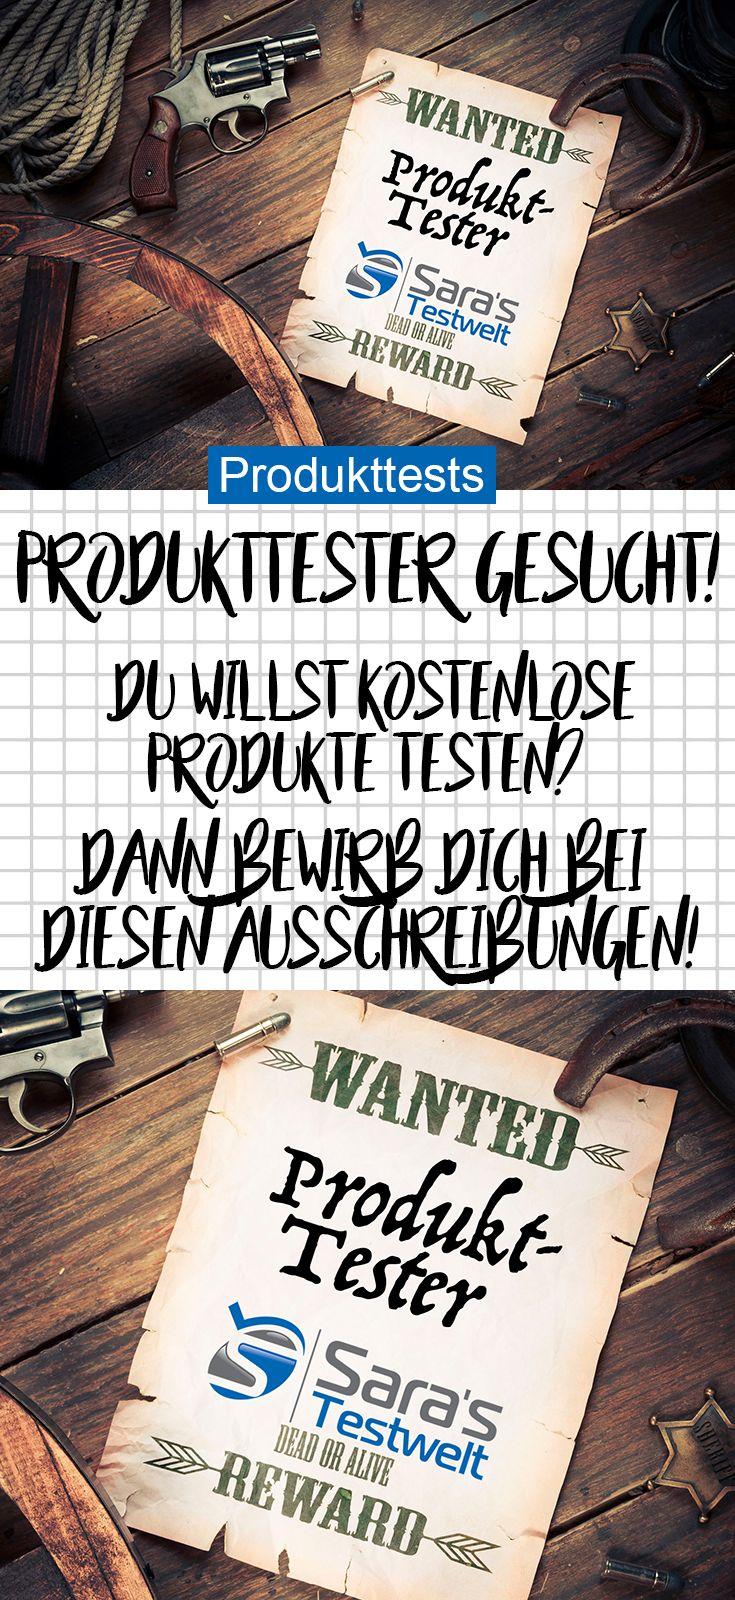 Du willst Produkttester werden? Wenn du dich bei diesen Produkttest-Ausschreibungen bewirbst, kannst du kostenlose Produkte testen.